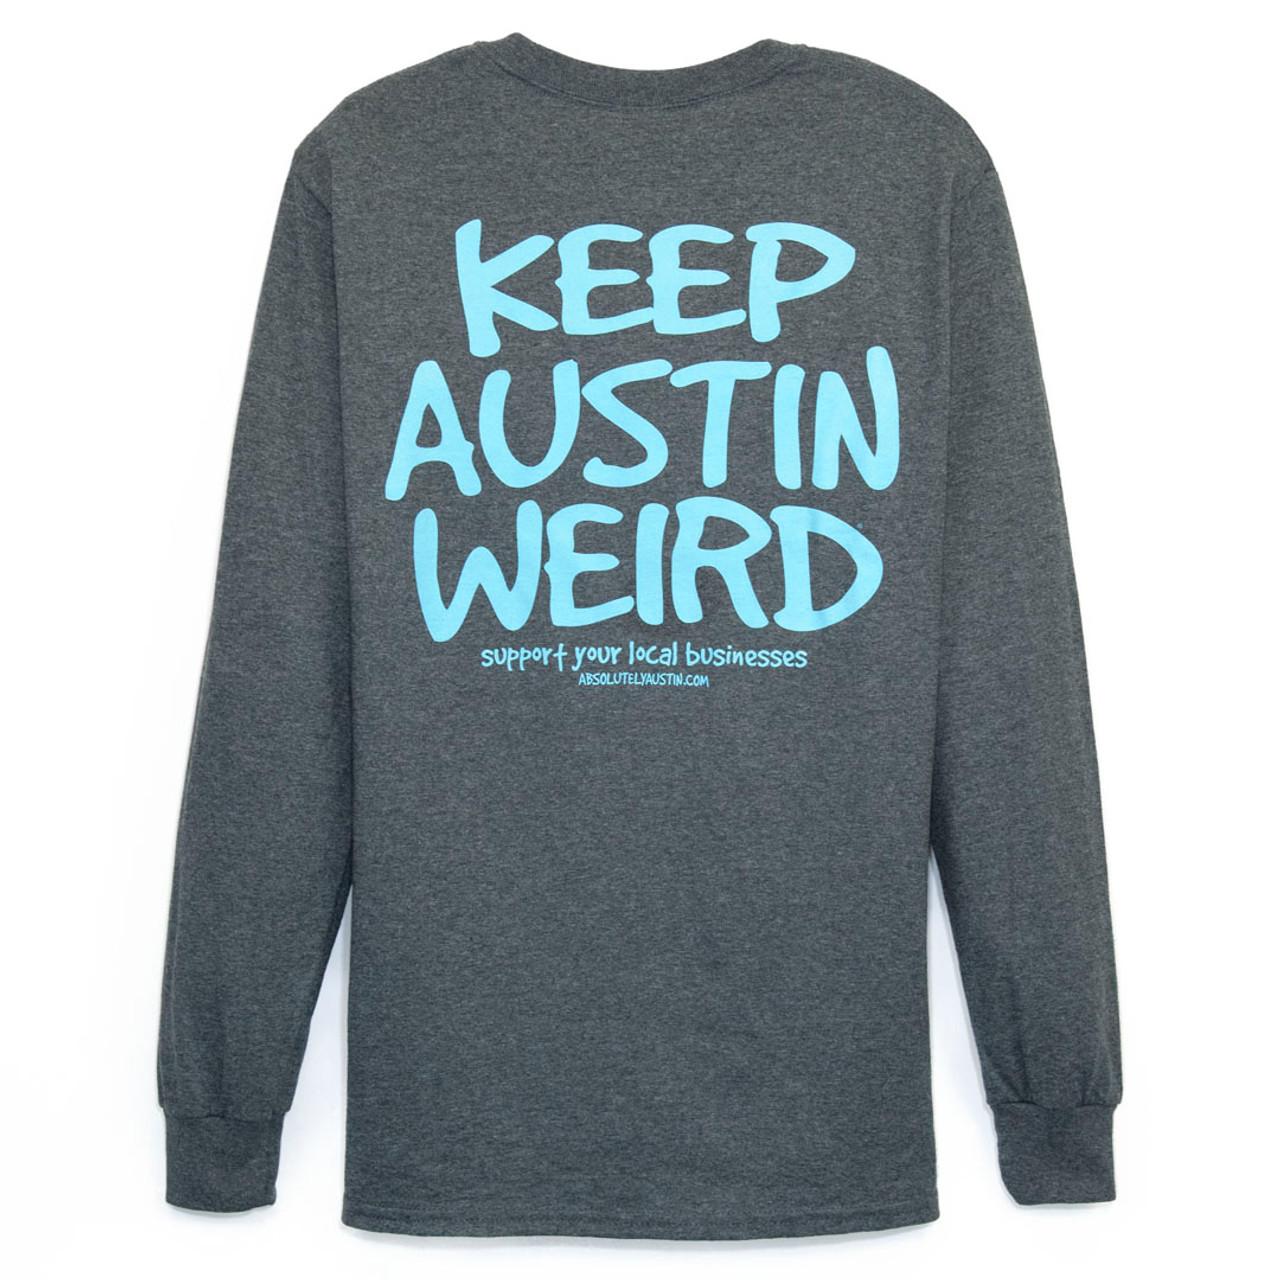 d05539050de1 Keep Austin Weird Dark Heather/Light Blue Long Sleeve Tee - TYLER'S